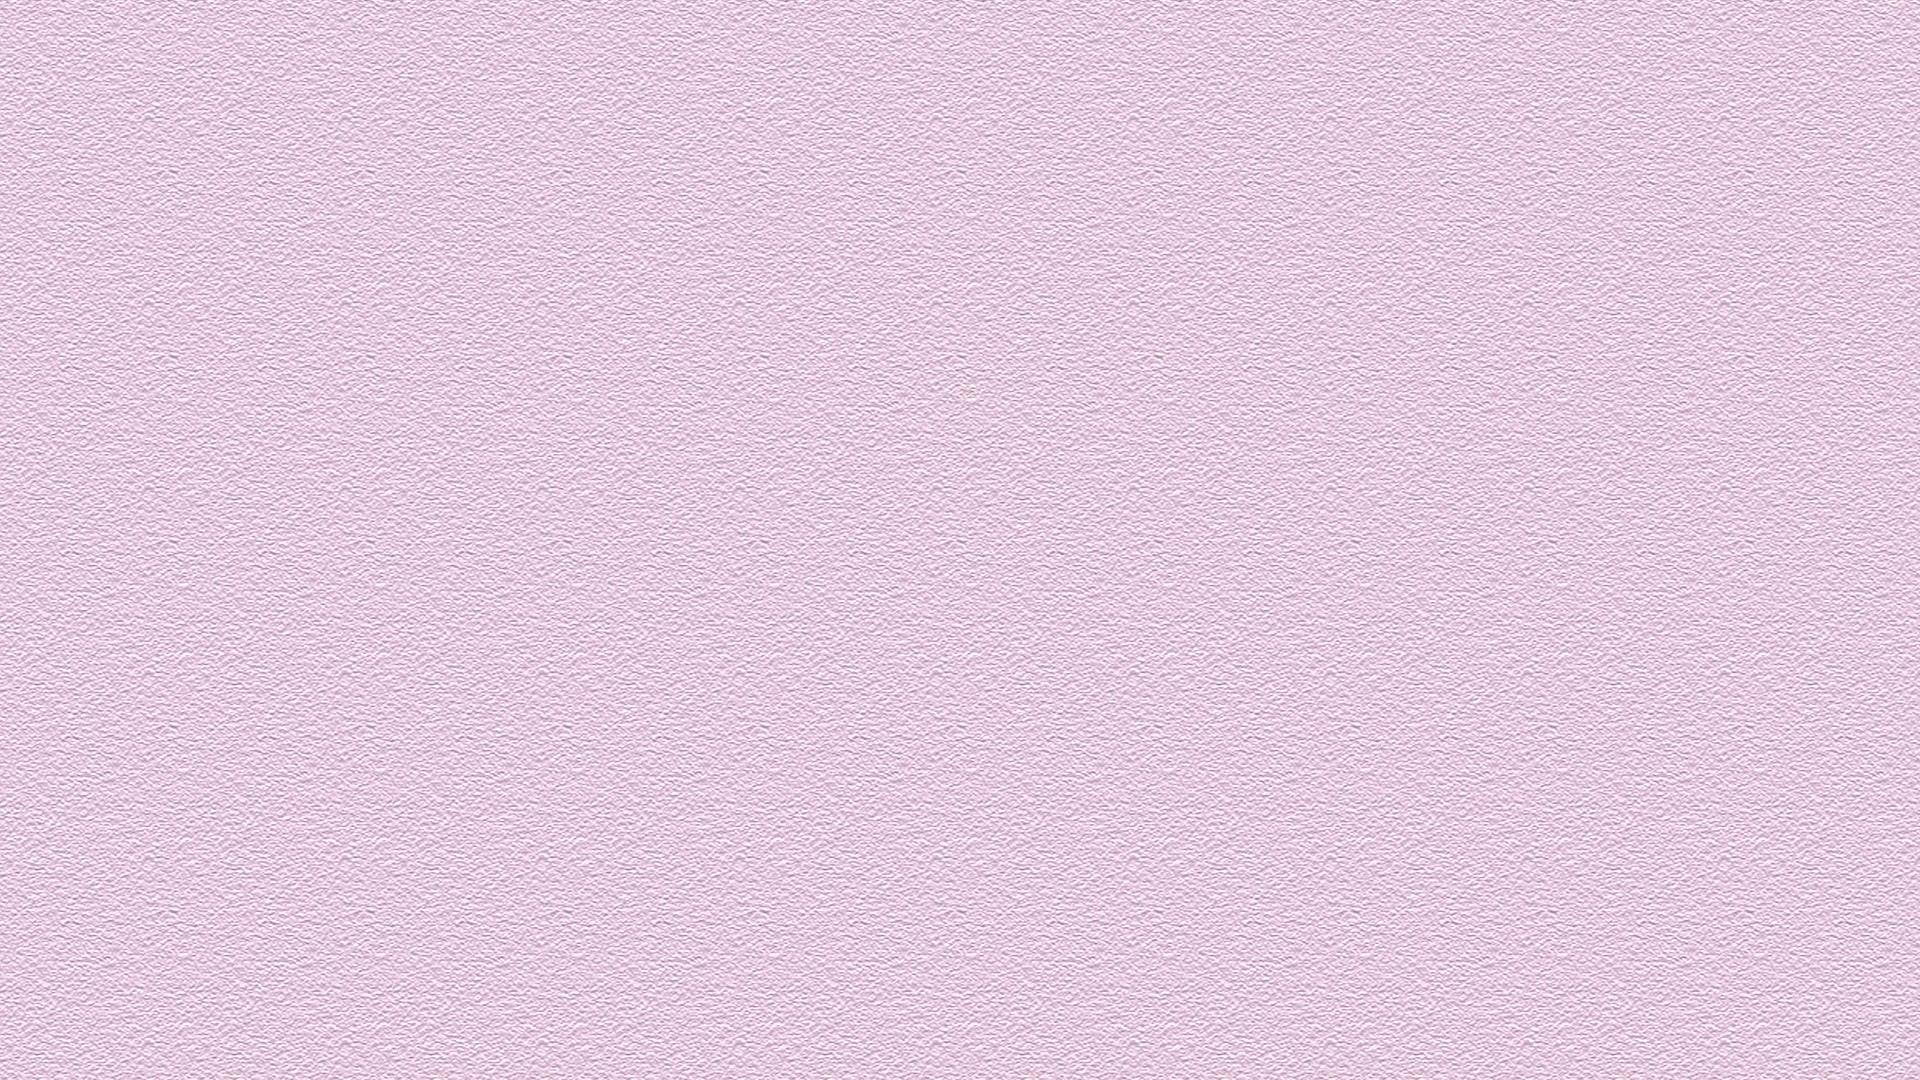 一般的な壁模様2_pink